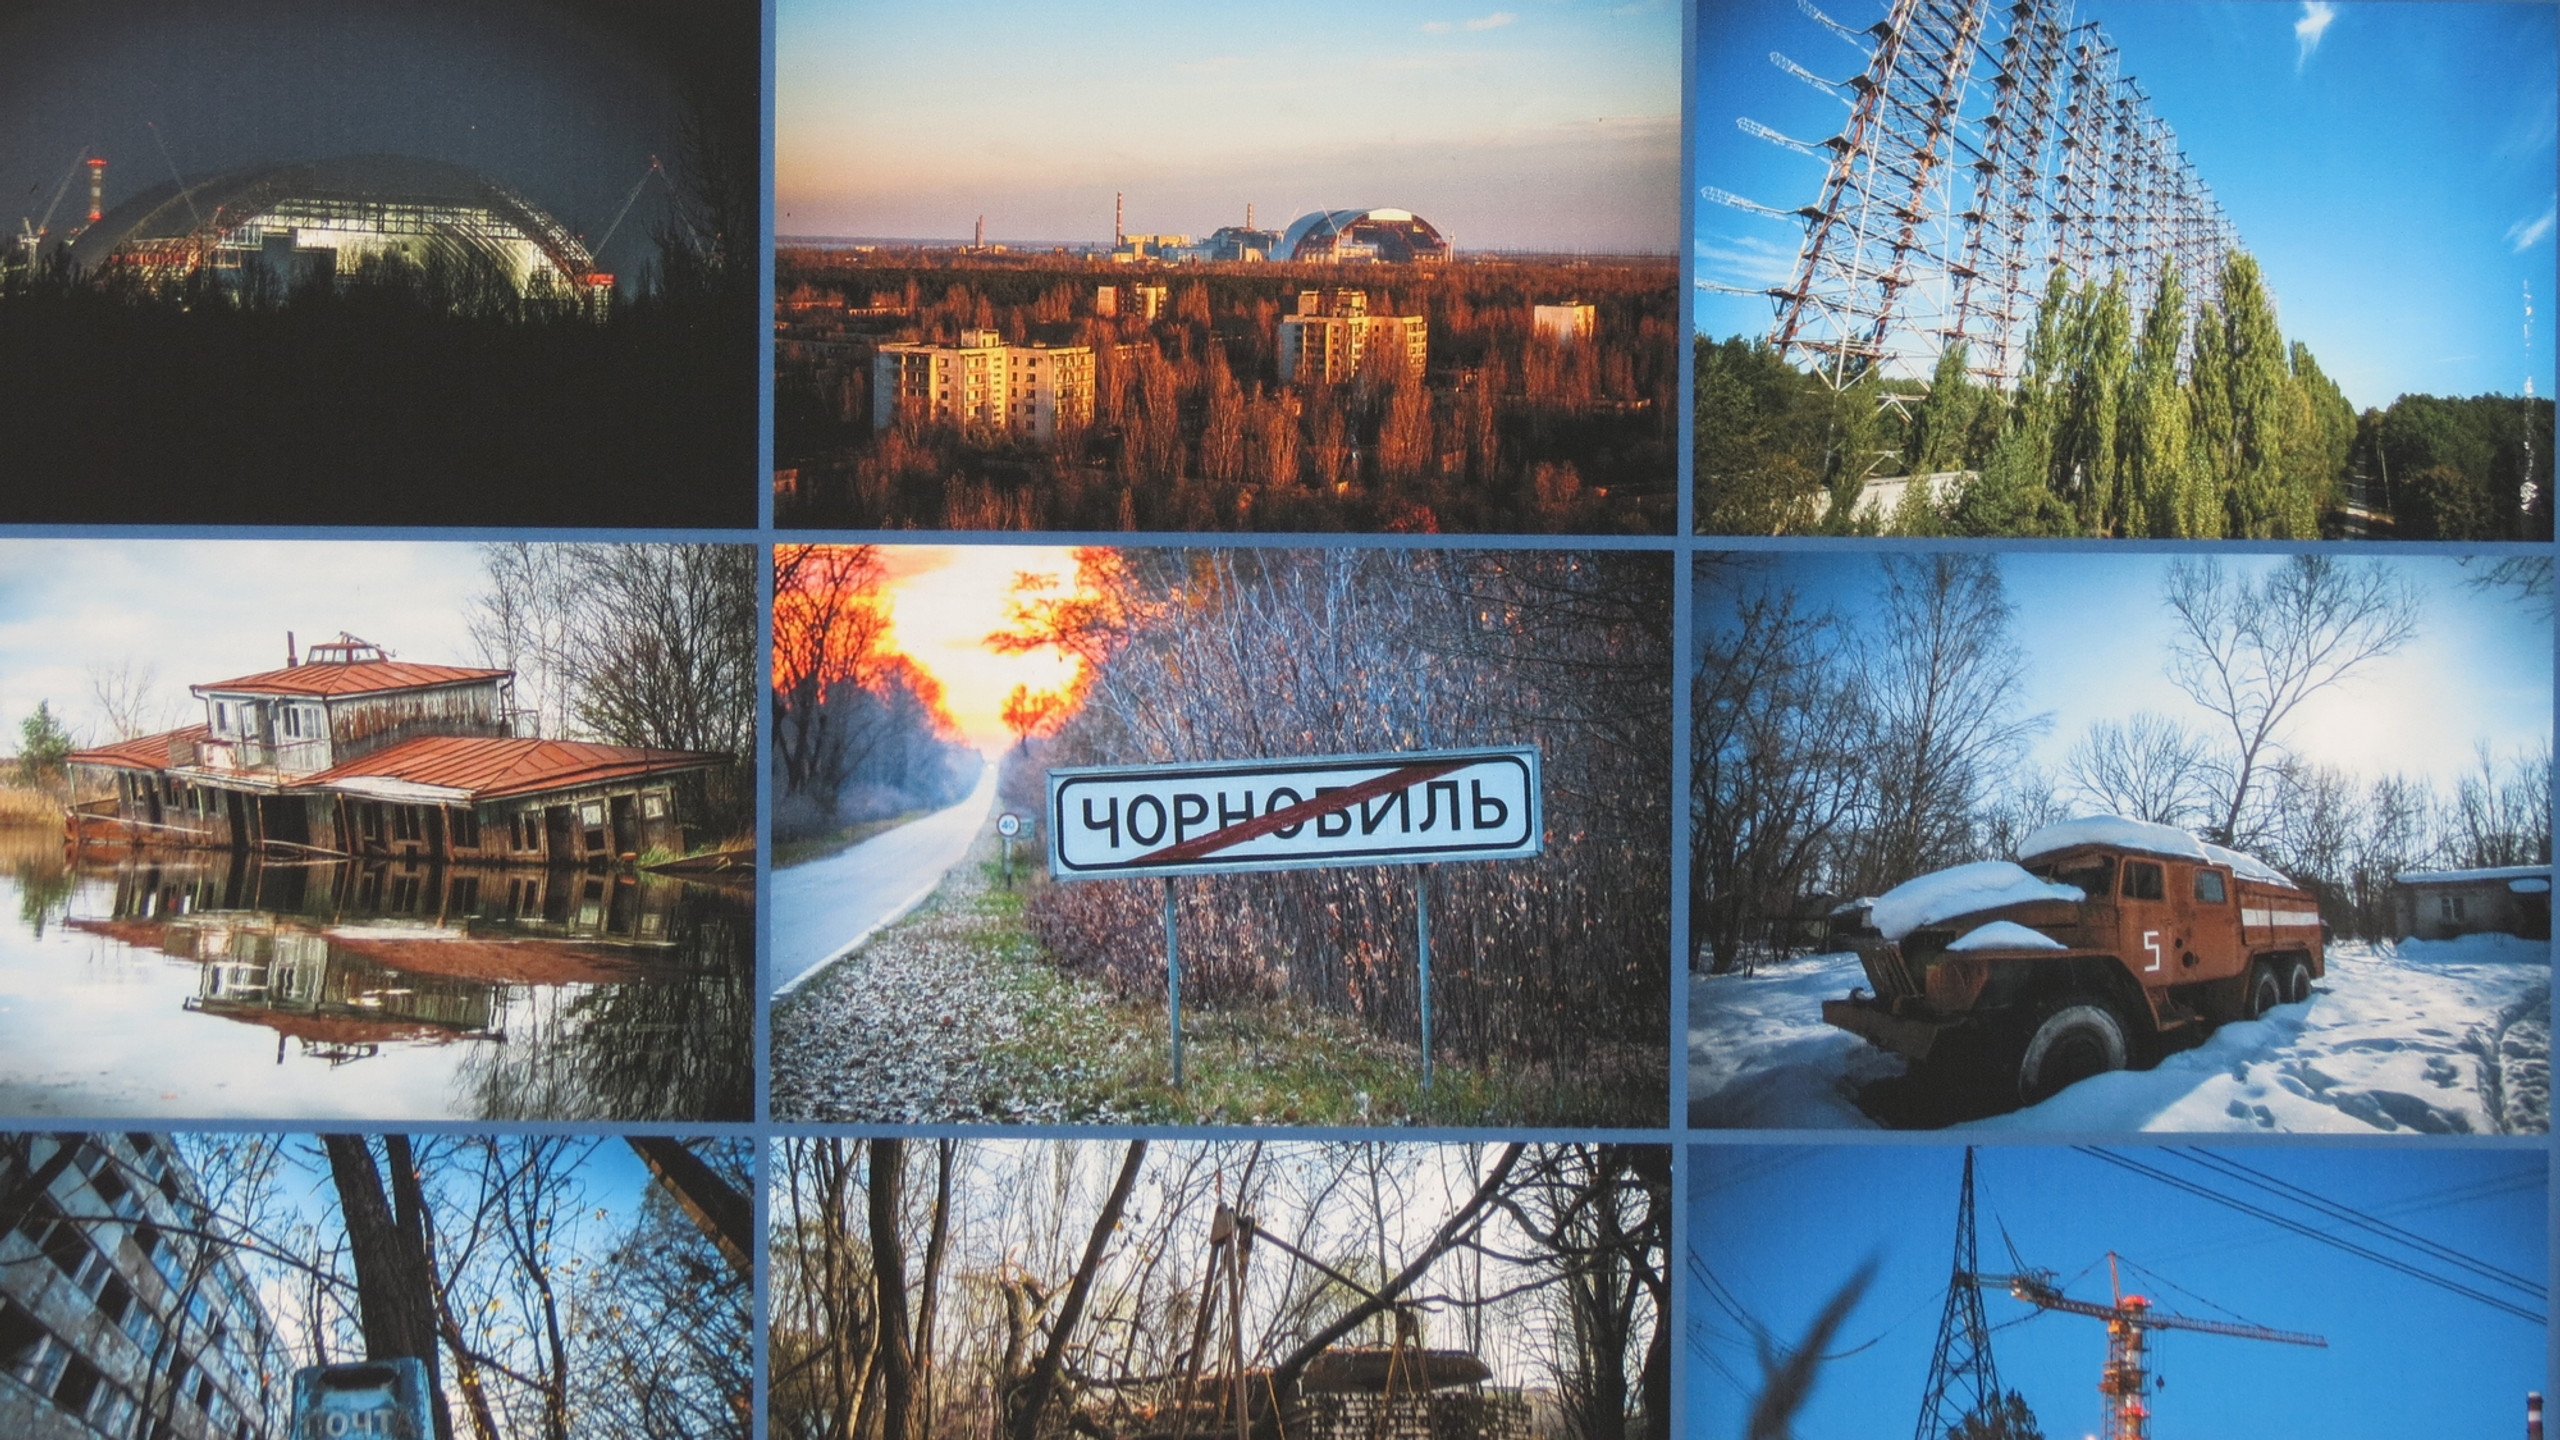 333 - Chernobyl